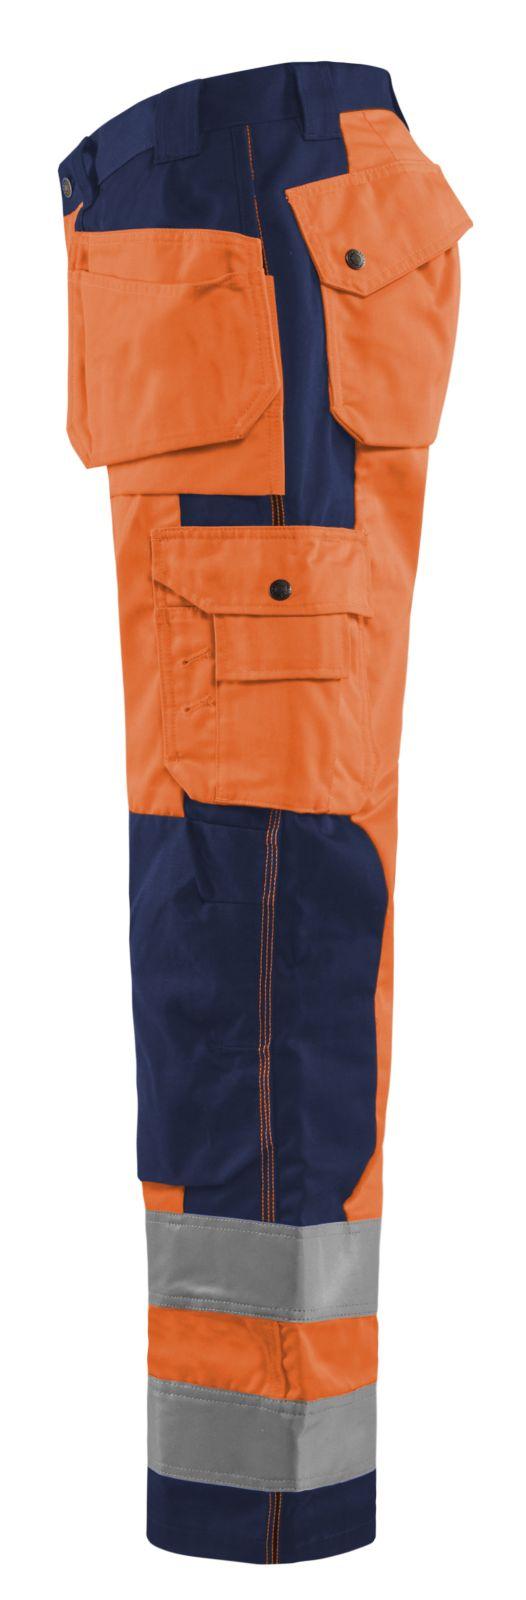 Blaklader Werkbroeken 15331860 High Vis oranje-marineblauw(5389)